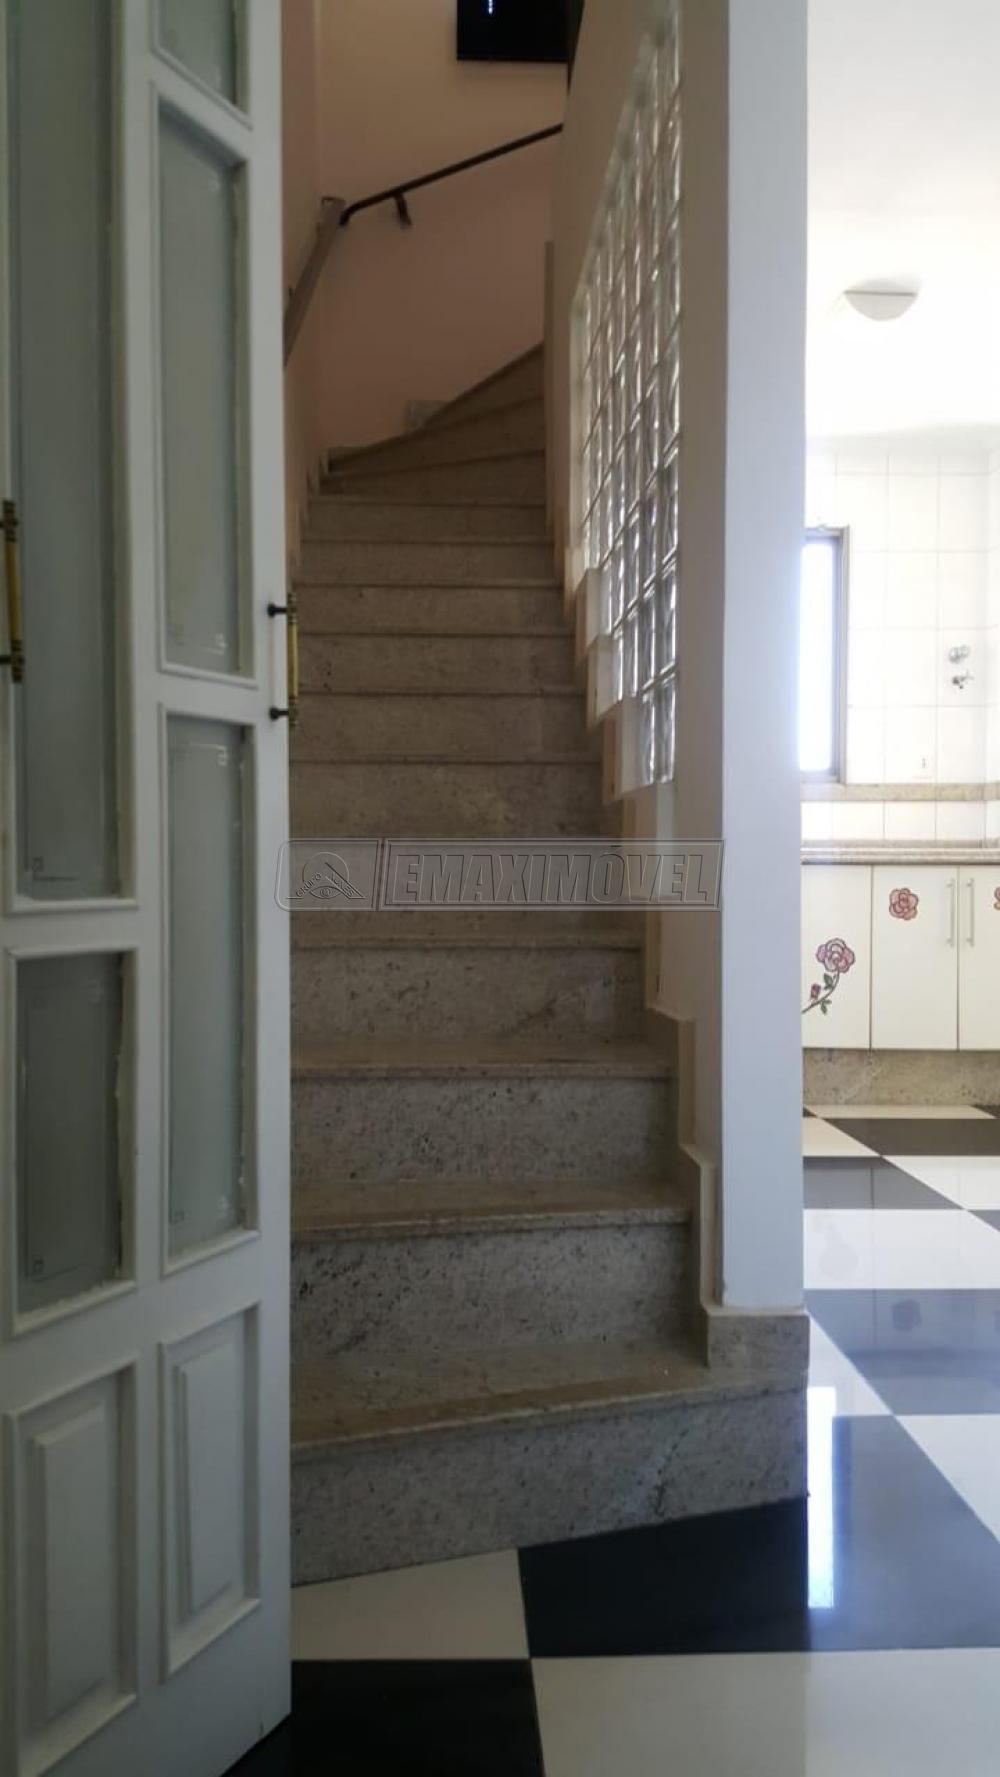 Alugar Apartamentos / Apto Padrão em Sorocaba apenas R$ 4.000,00 - Foto 5